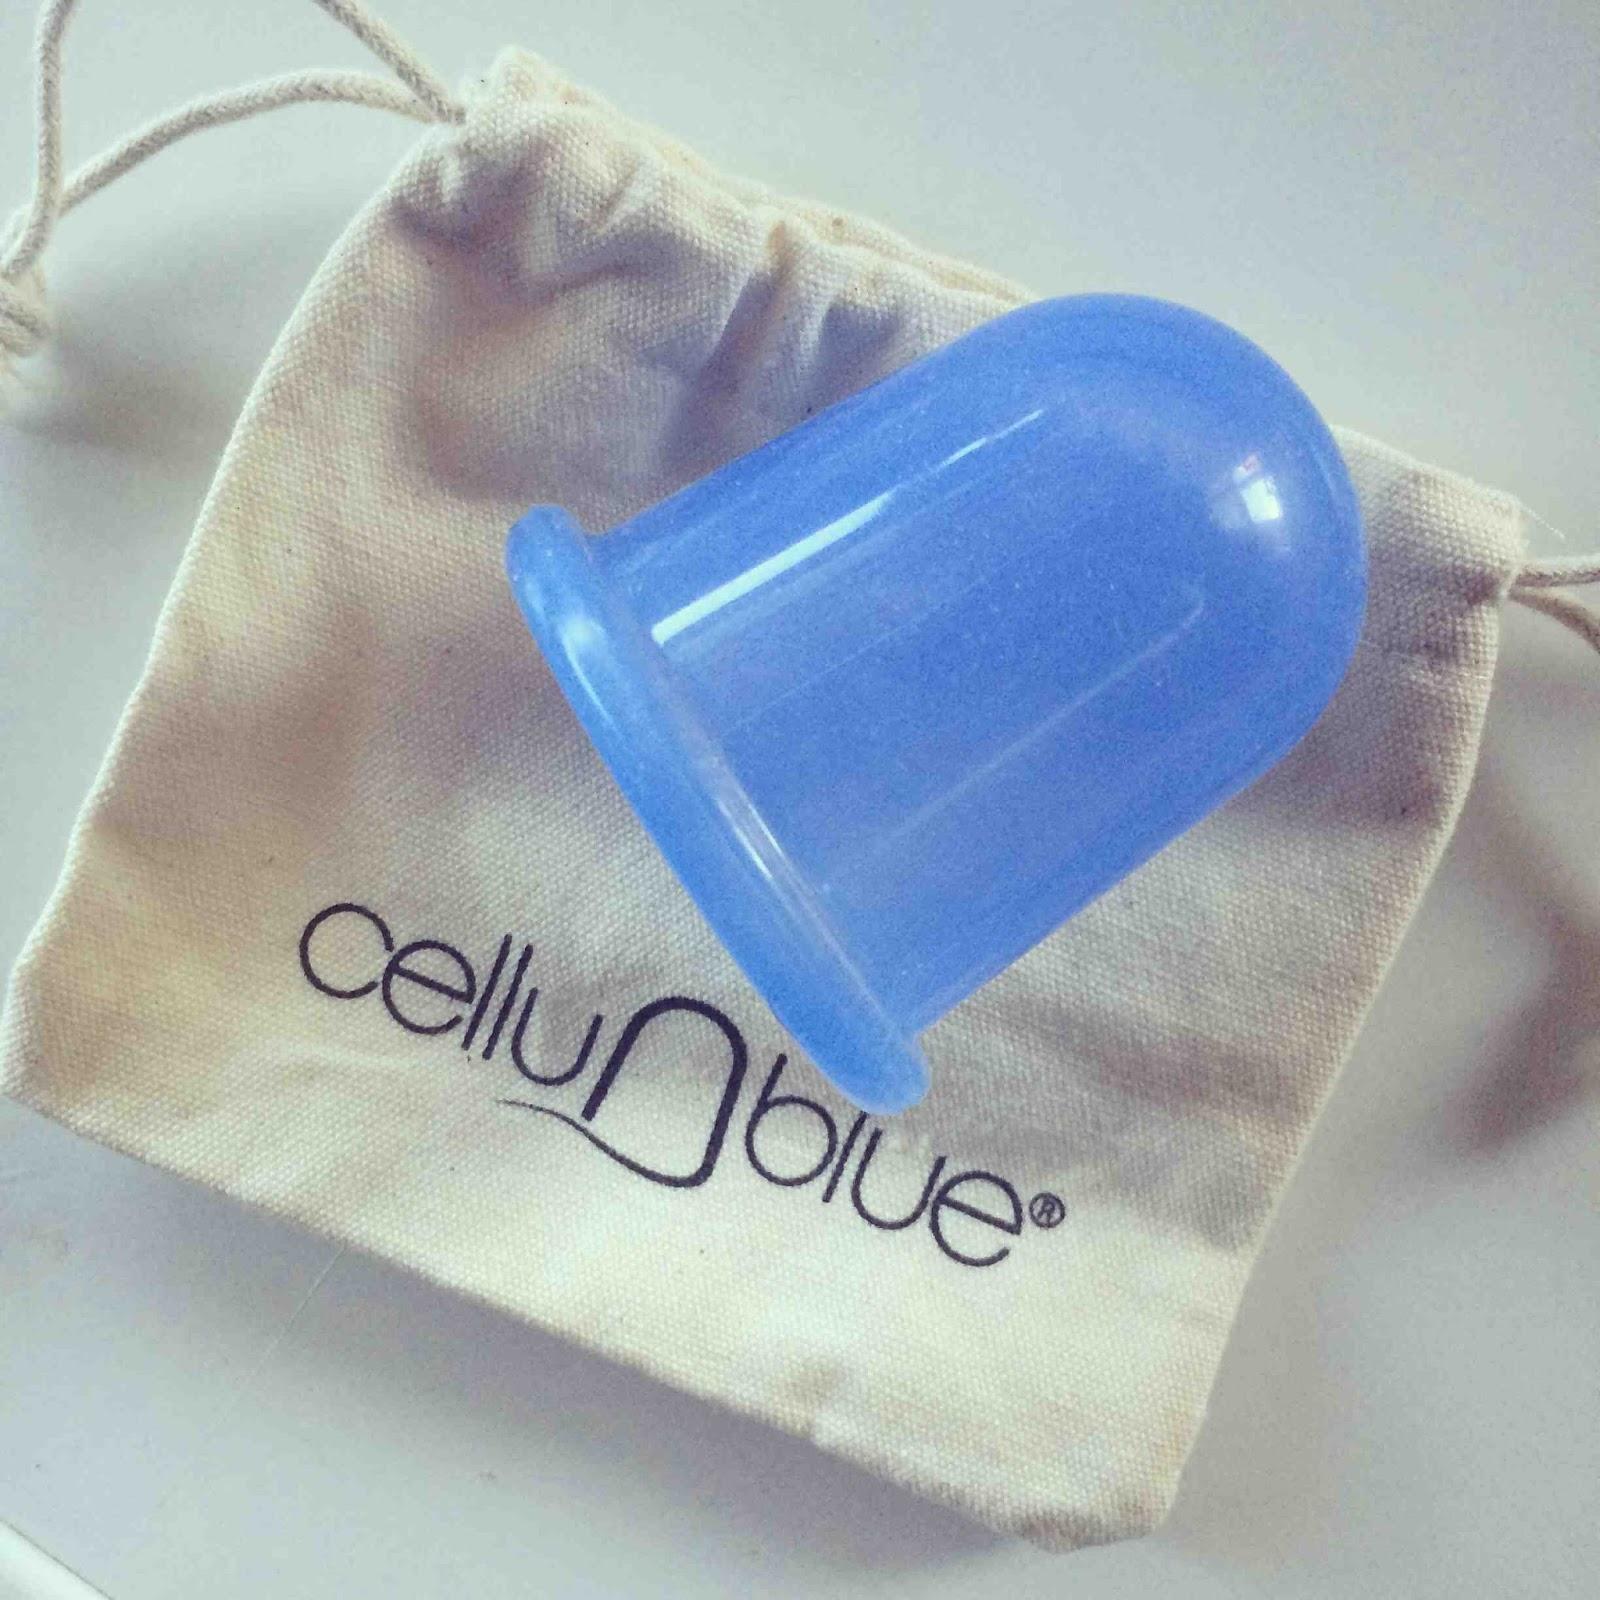 Mi experiencia con Cellublue